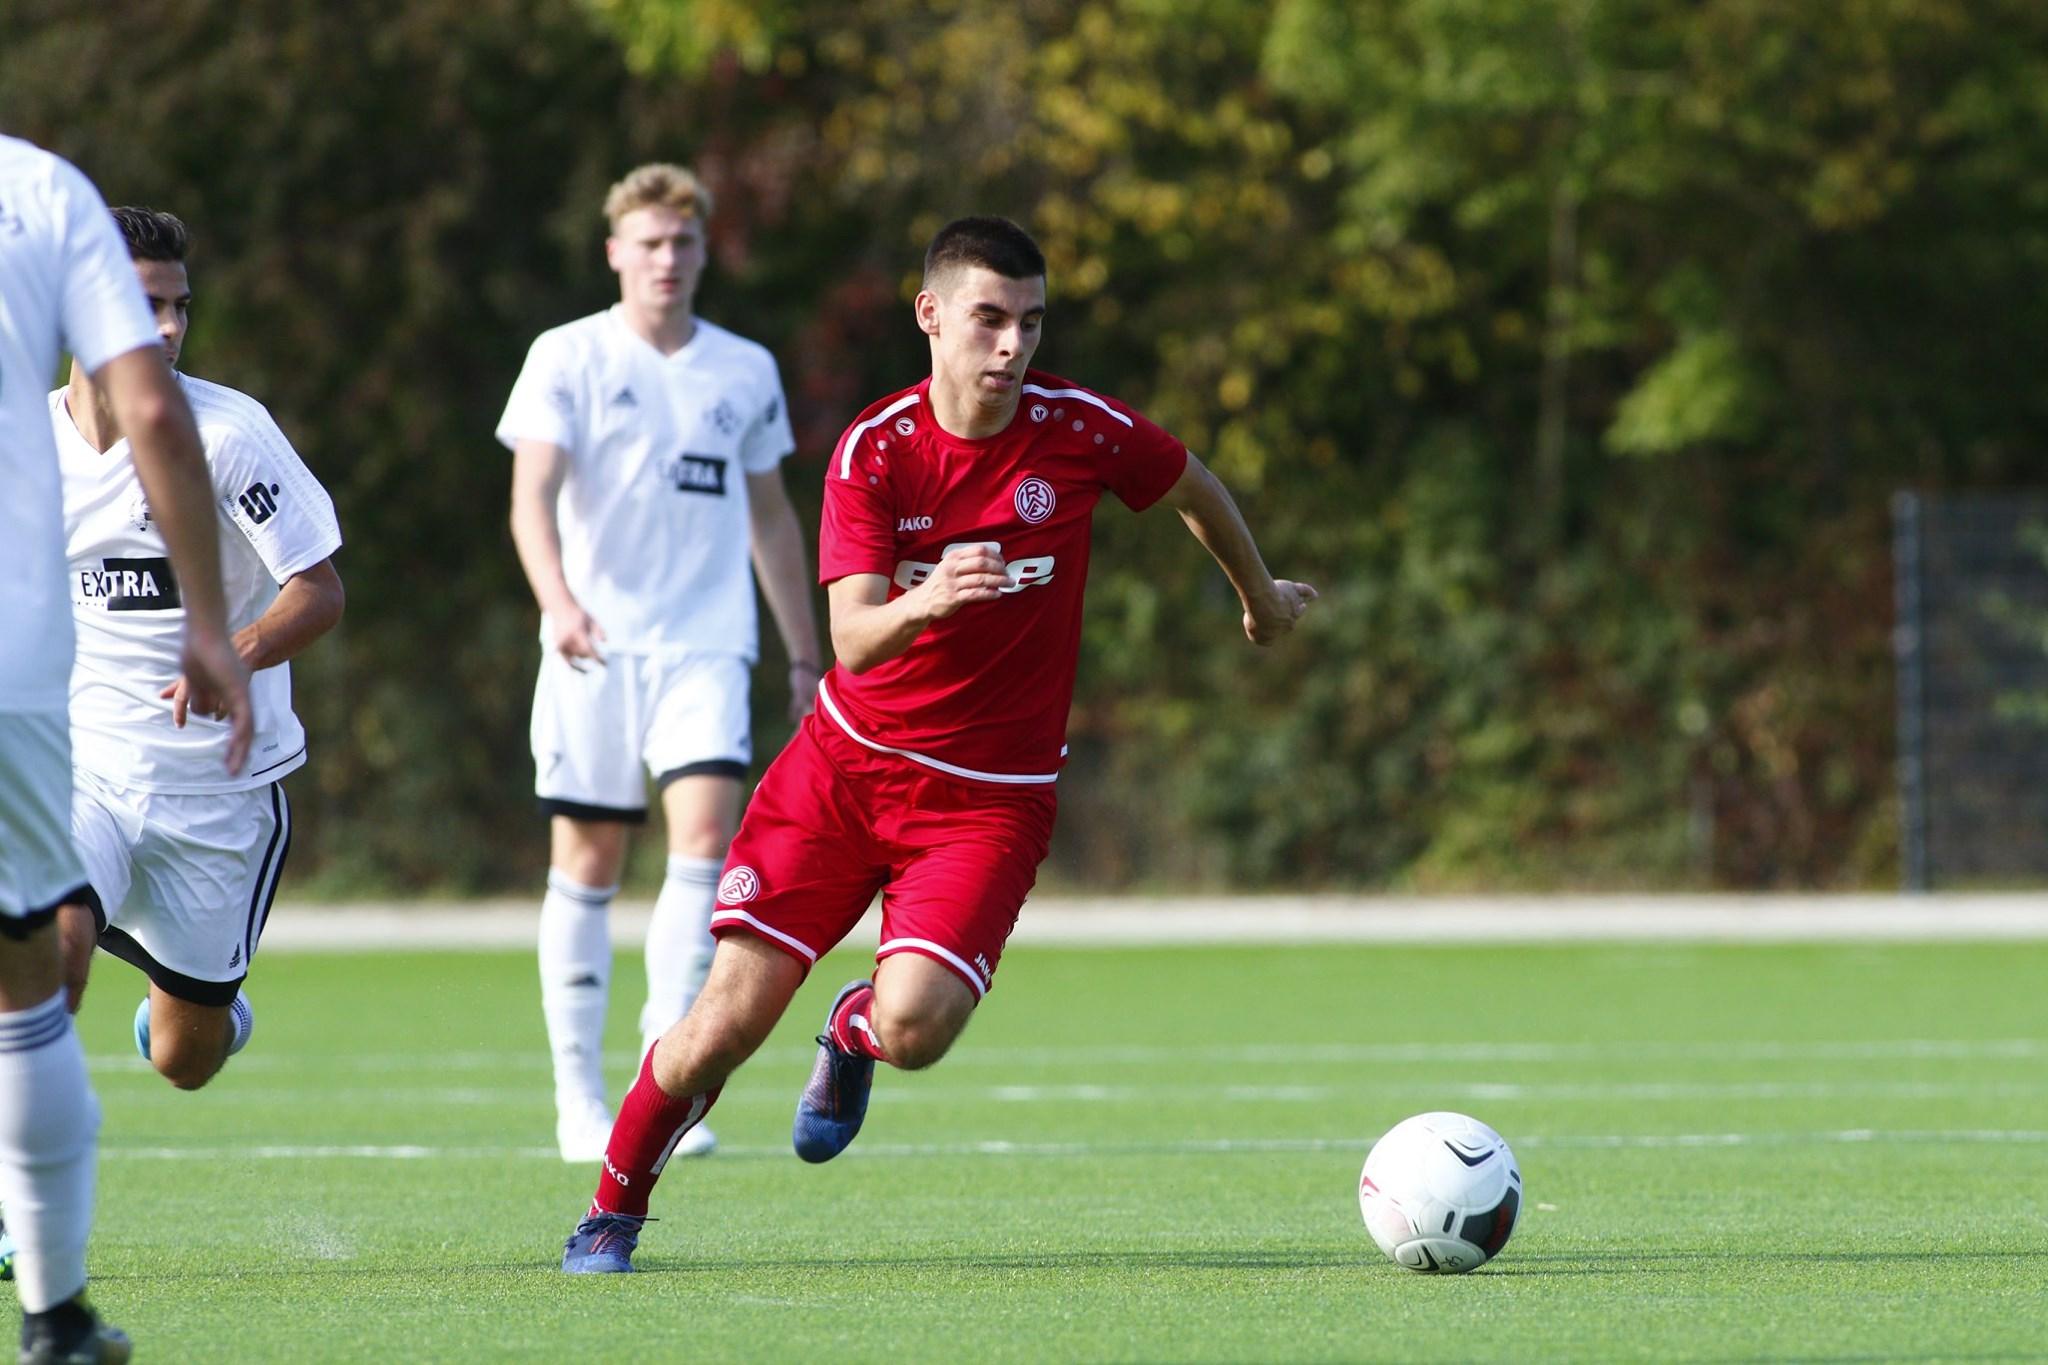 Am Hallo empfängt die U19 den SC Velbert. (Foto: Breilmannswiese)